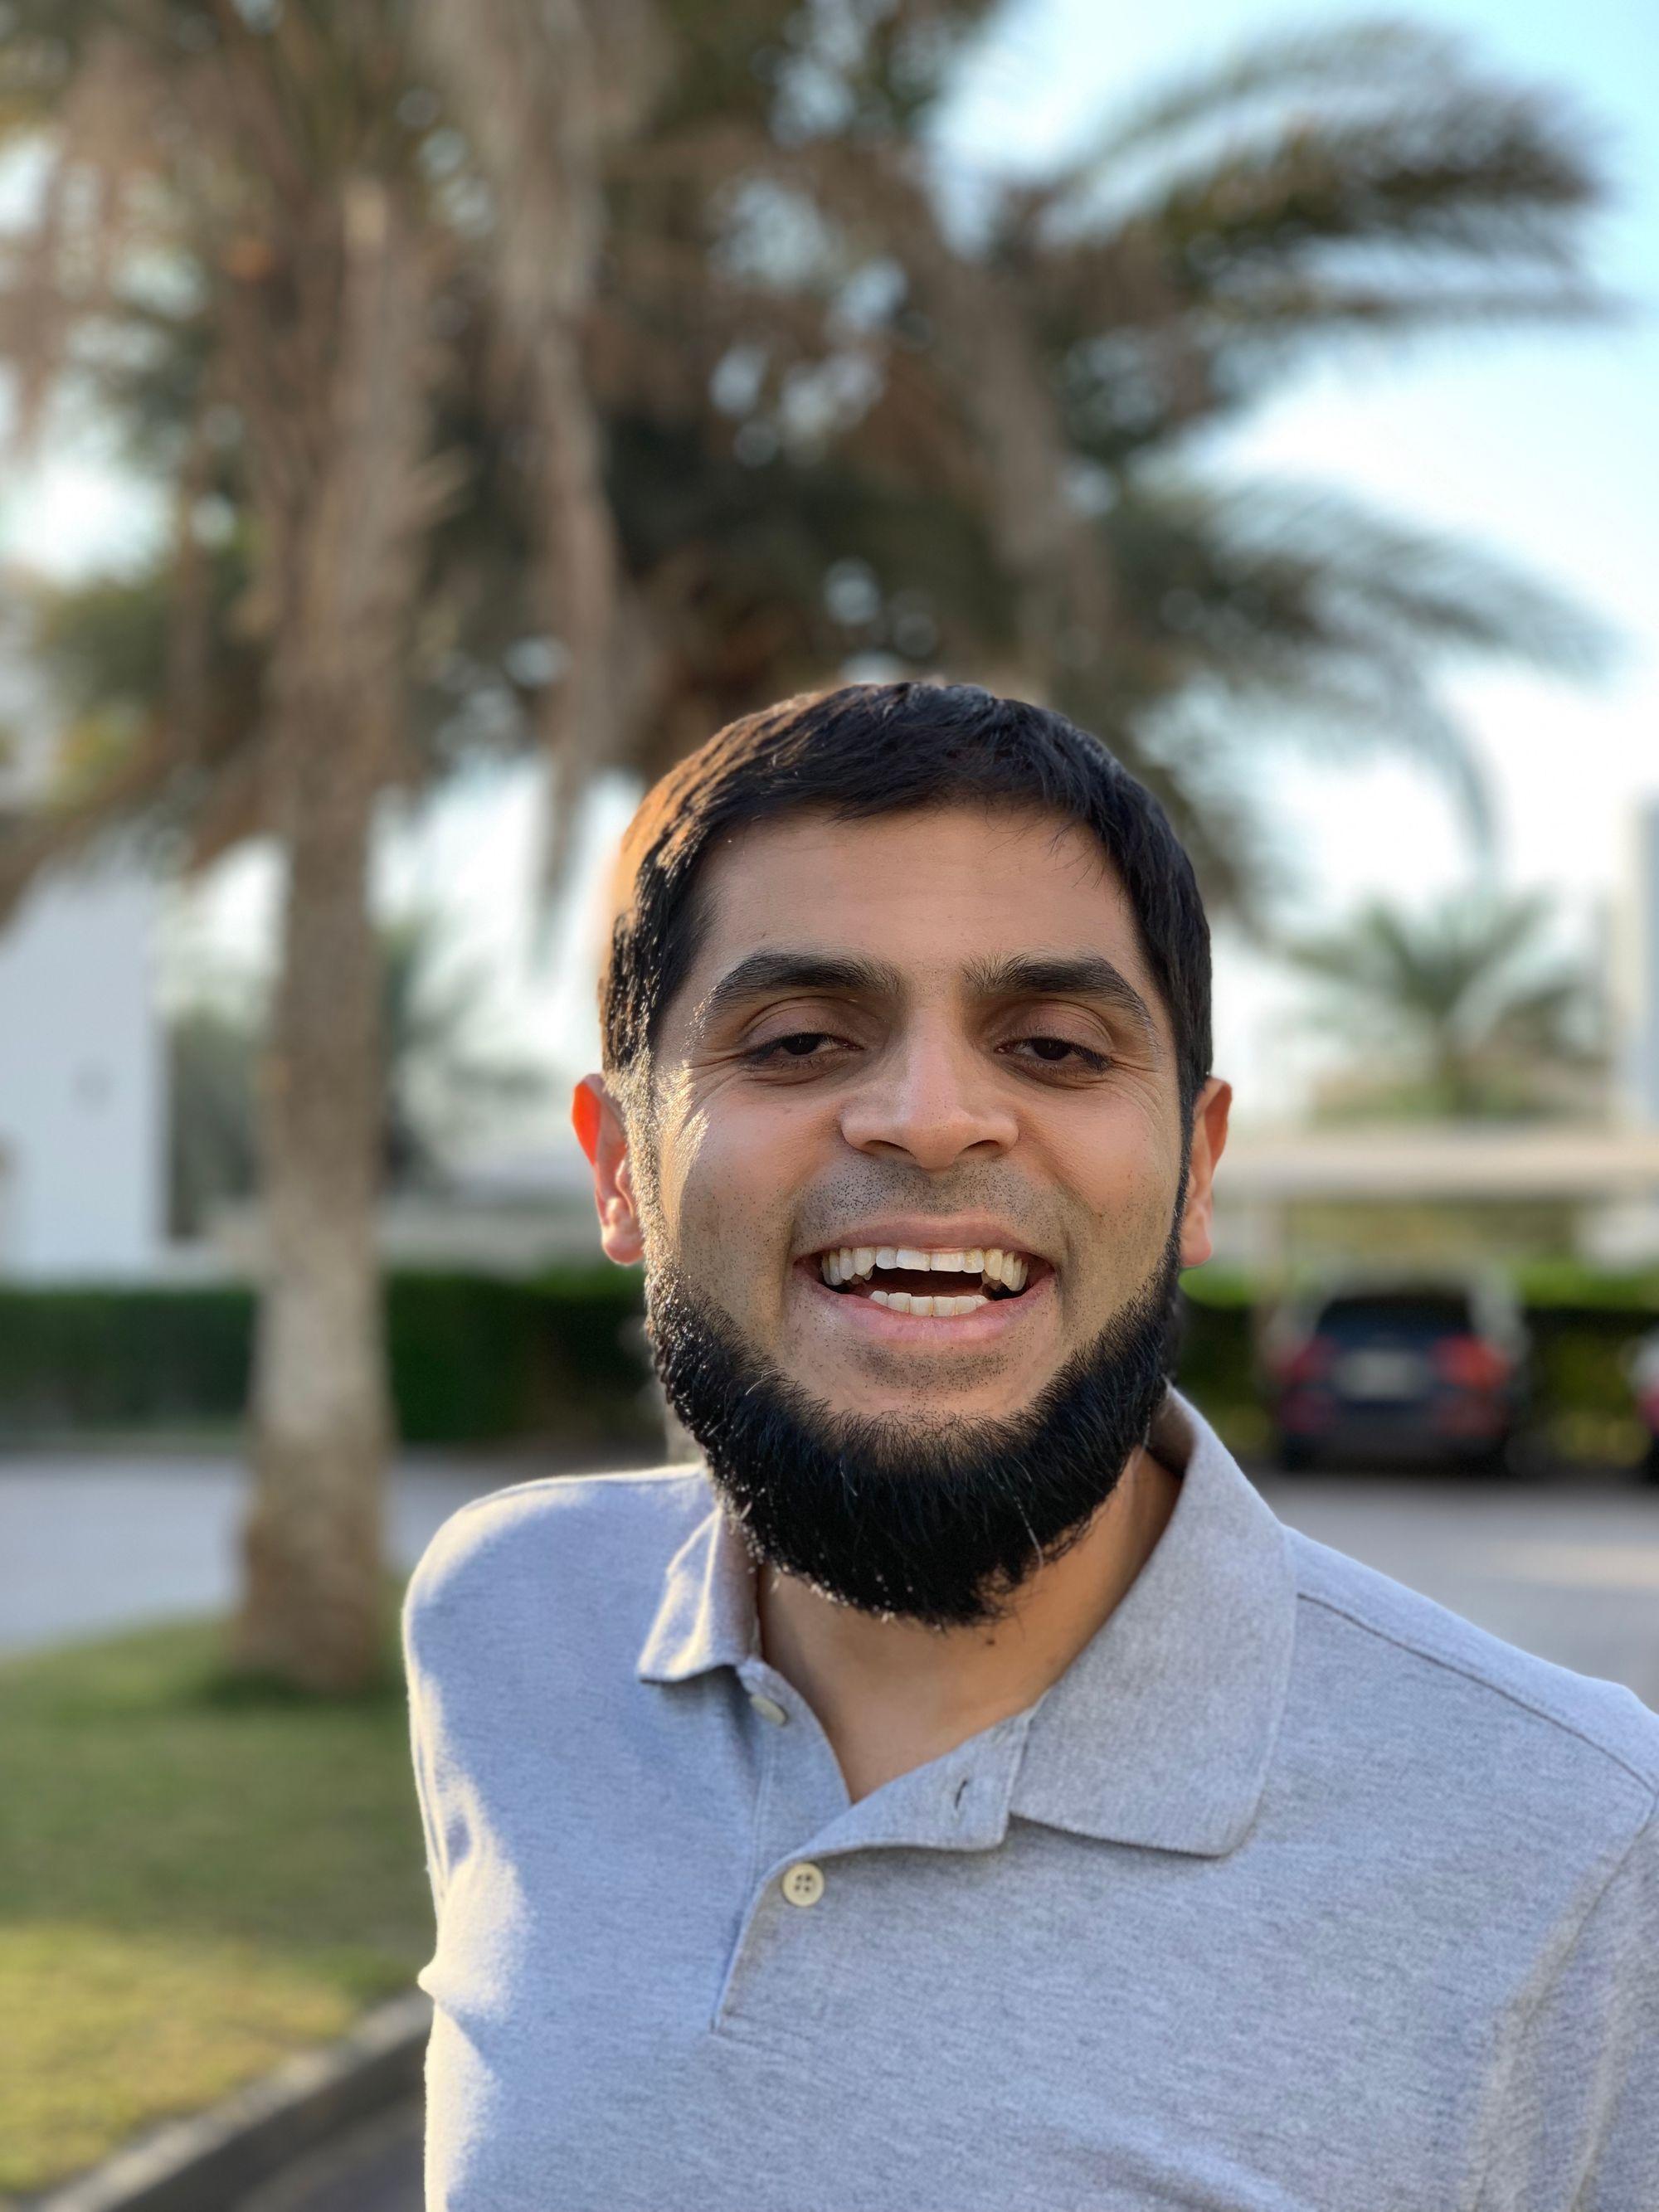 Omar Kassim